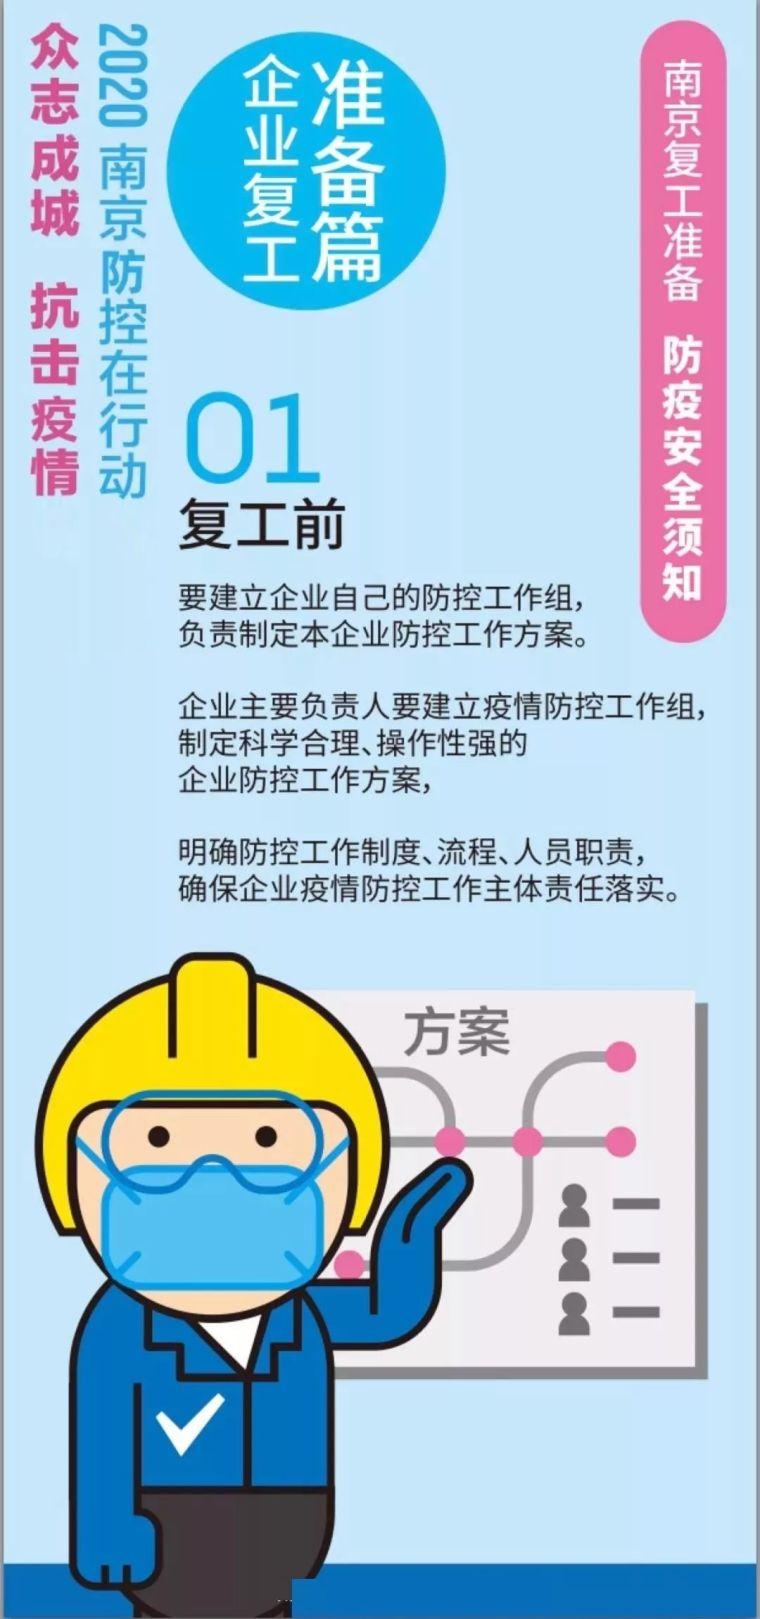 企业复工,防疫安全须知(图解)_2